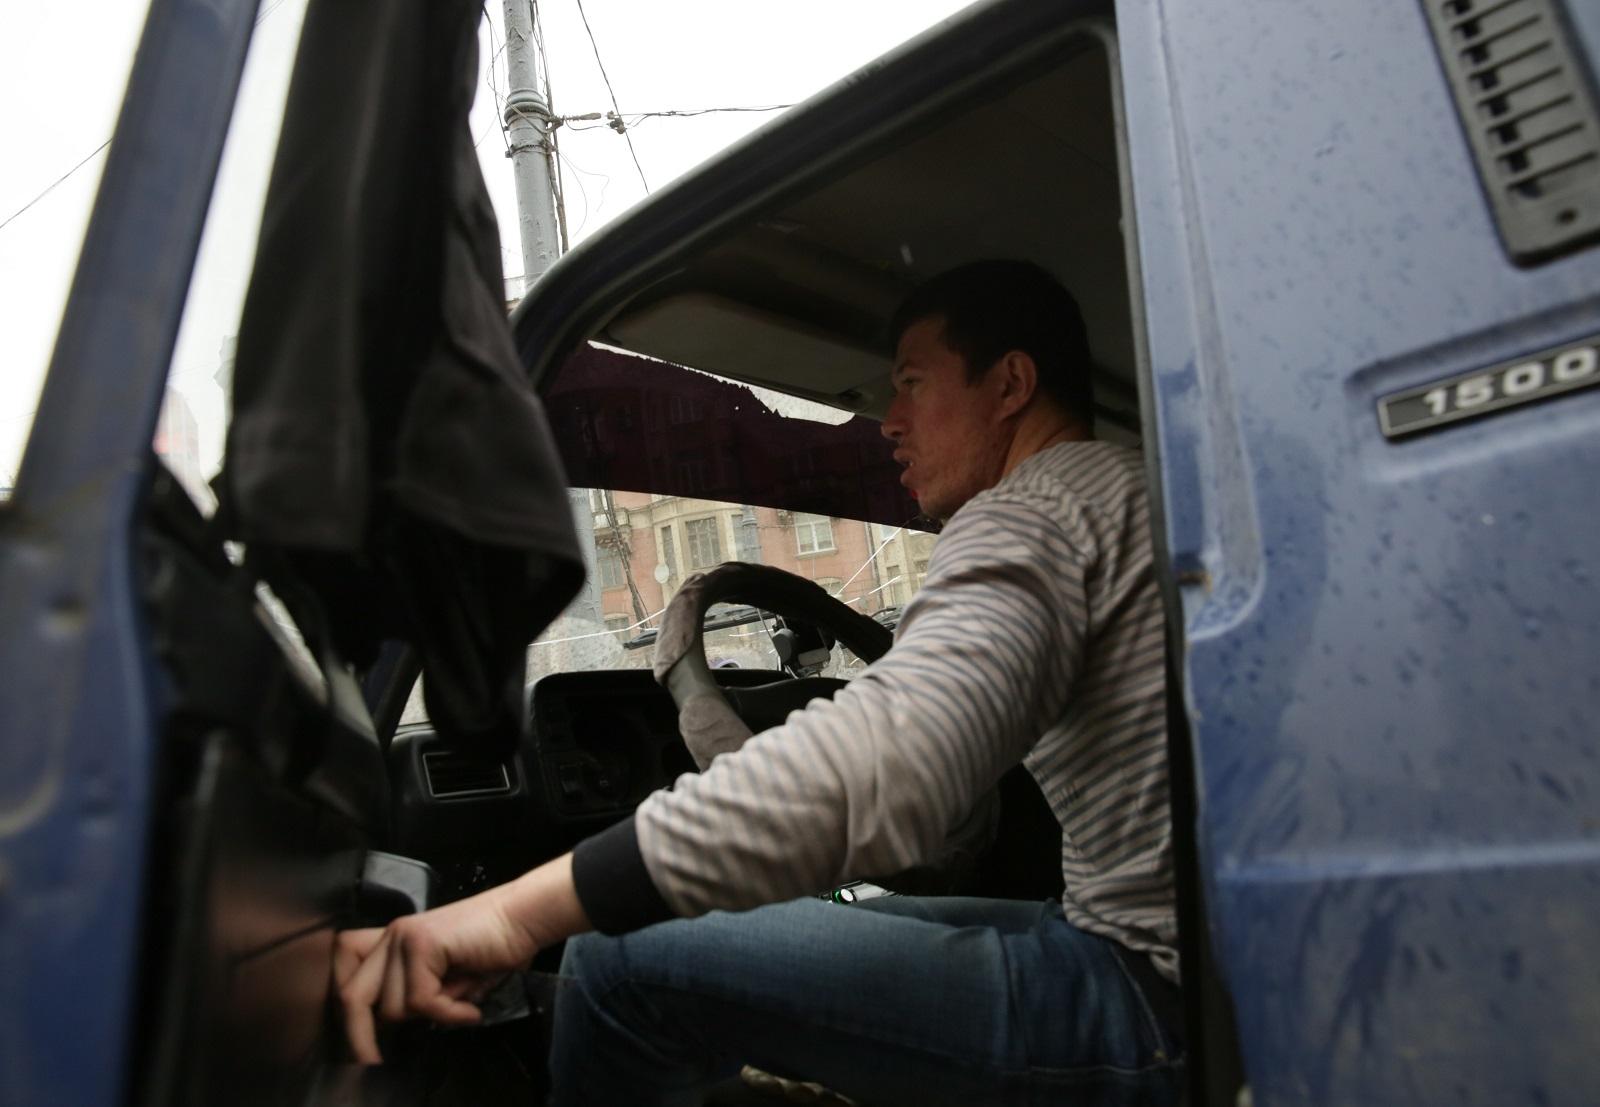 В России ужесточили наказание за шторки и каркасные сетки в автомобилях